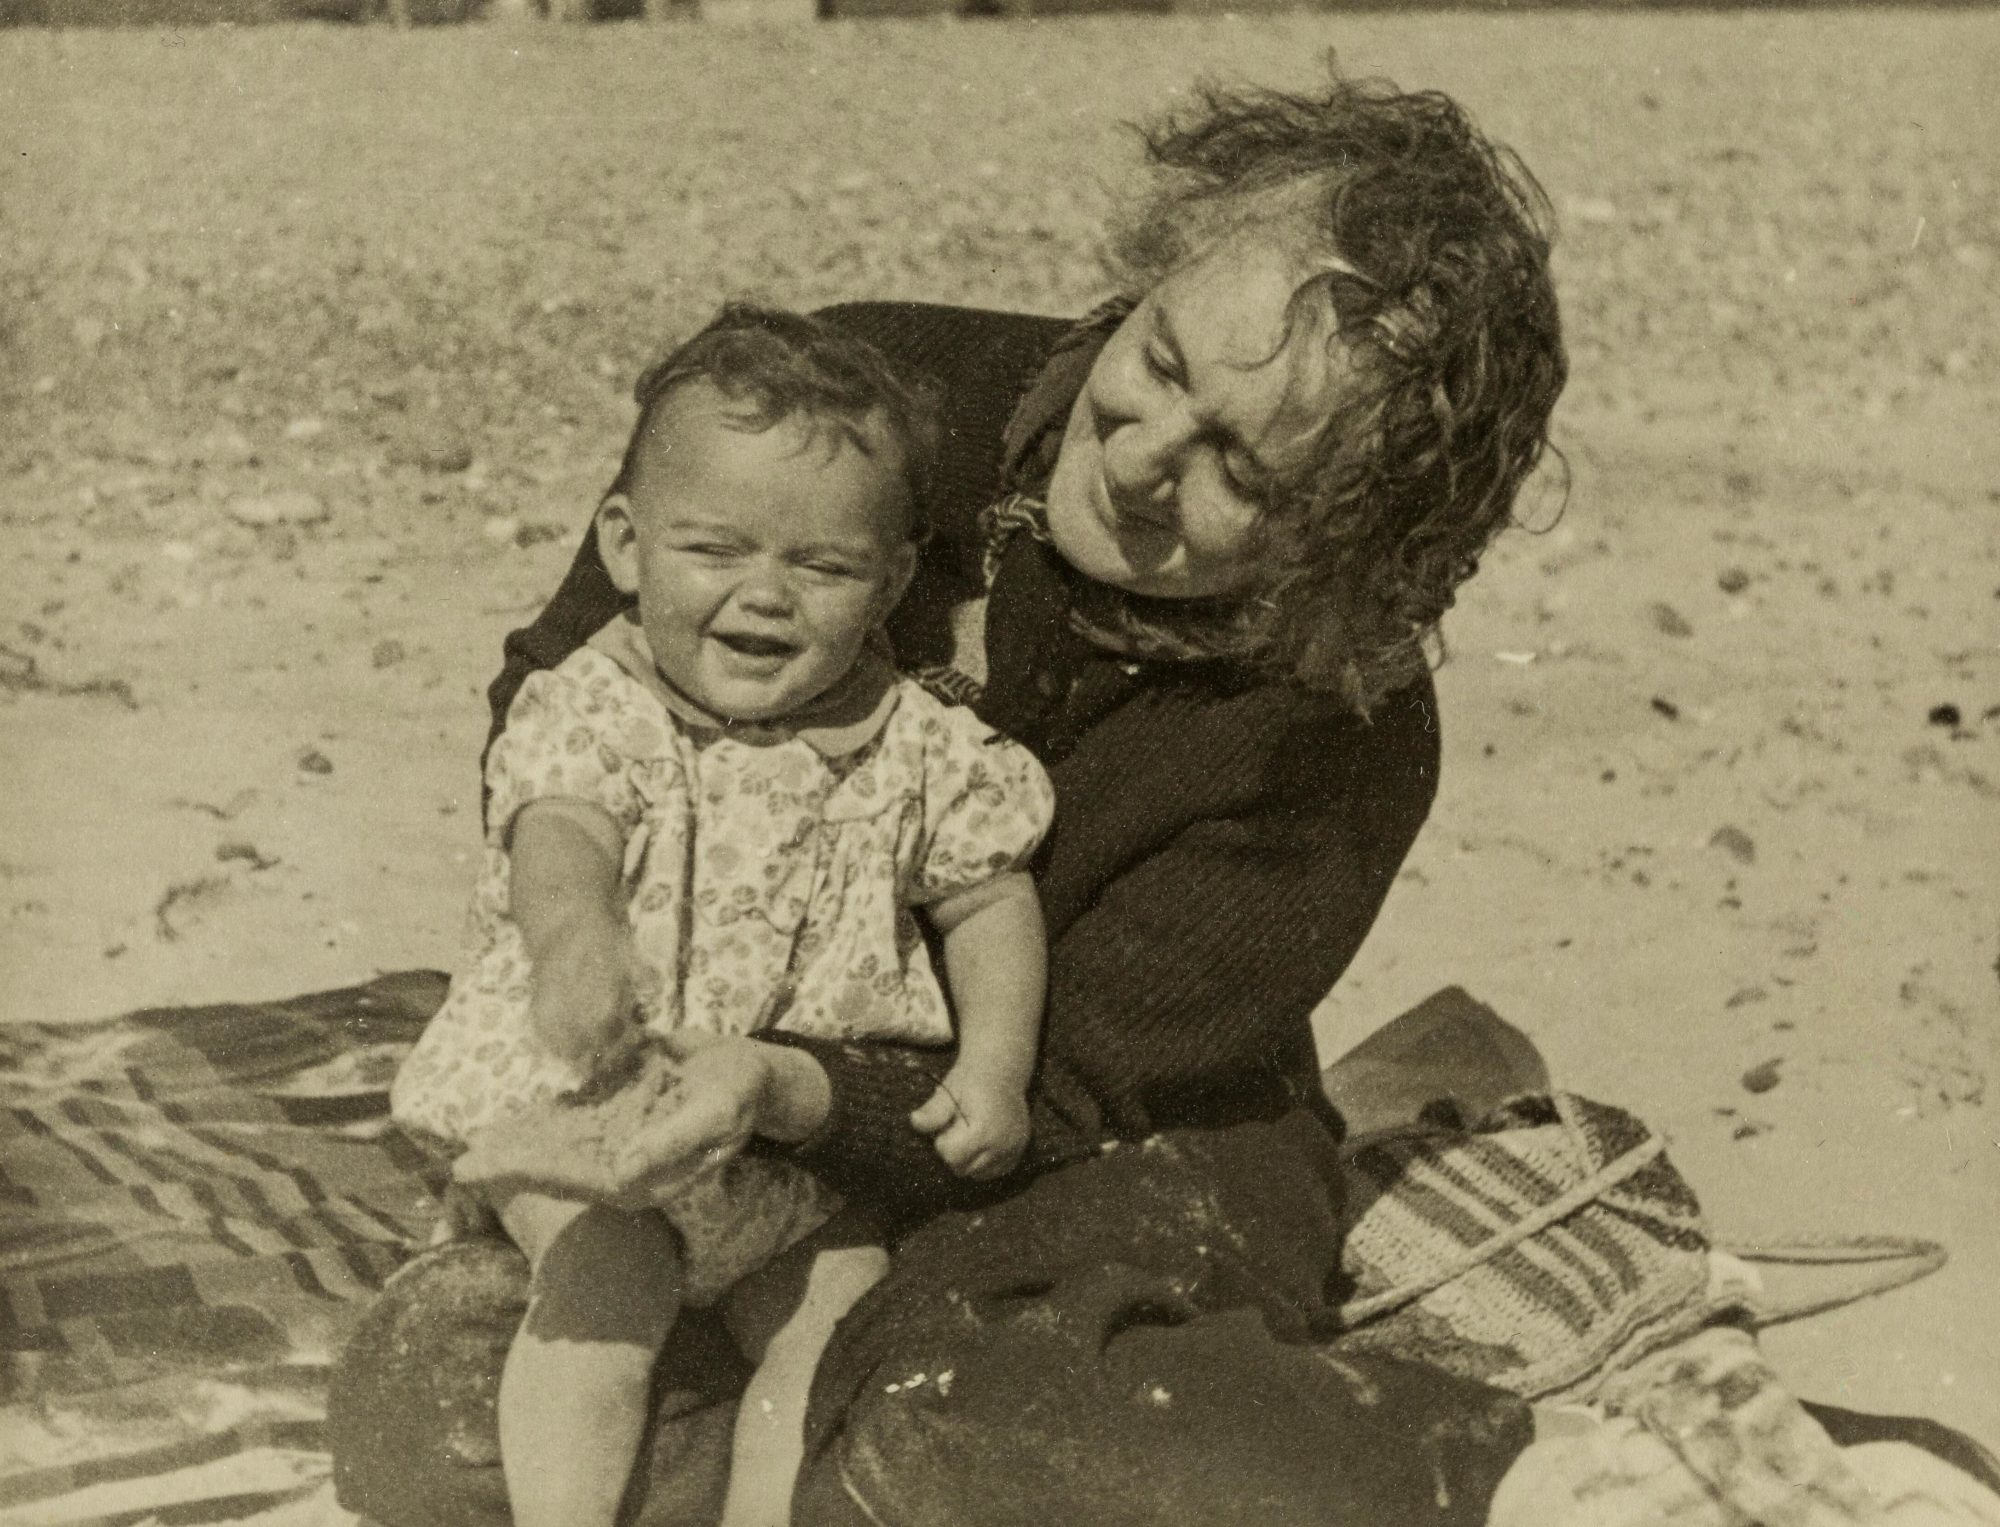 Photographie de Melanie Klein et son petit-fils Michael en 1938